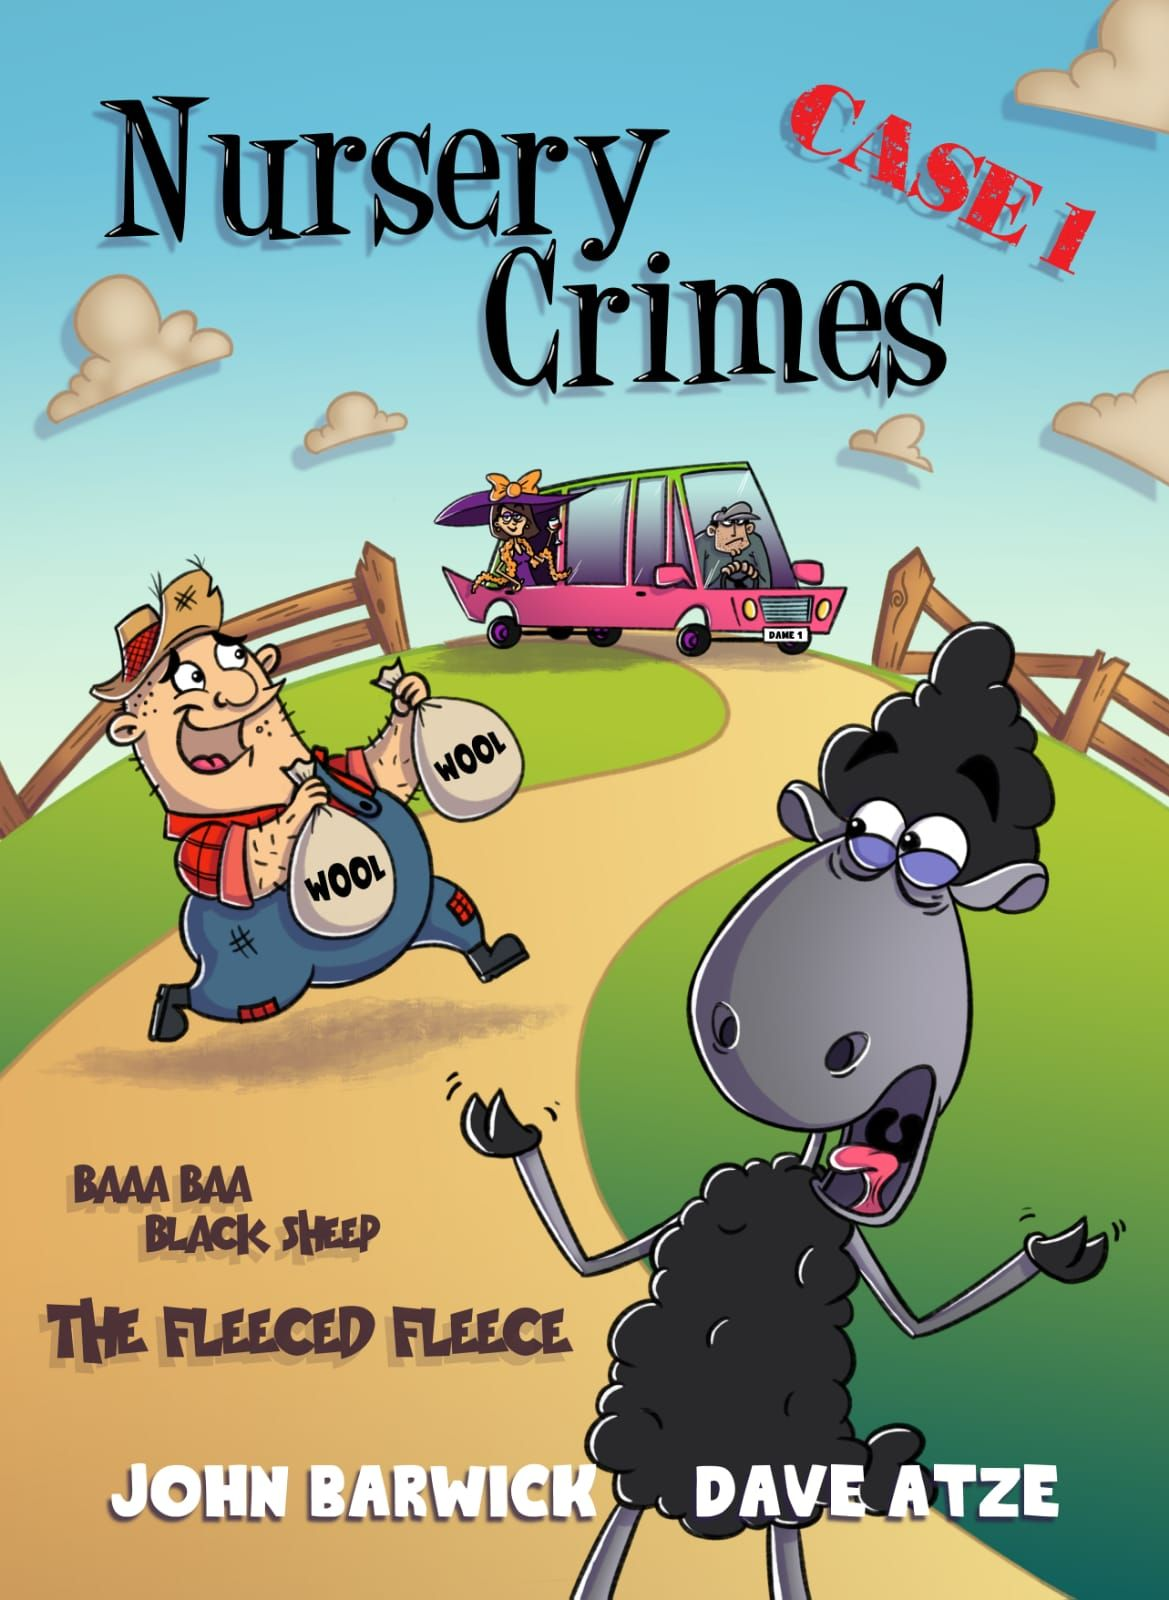 Nursery Crimes – Baaa Baa Black Sheep, The Fleeced Fleece